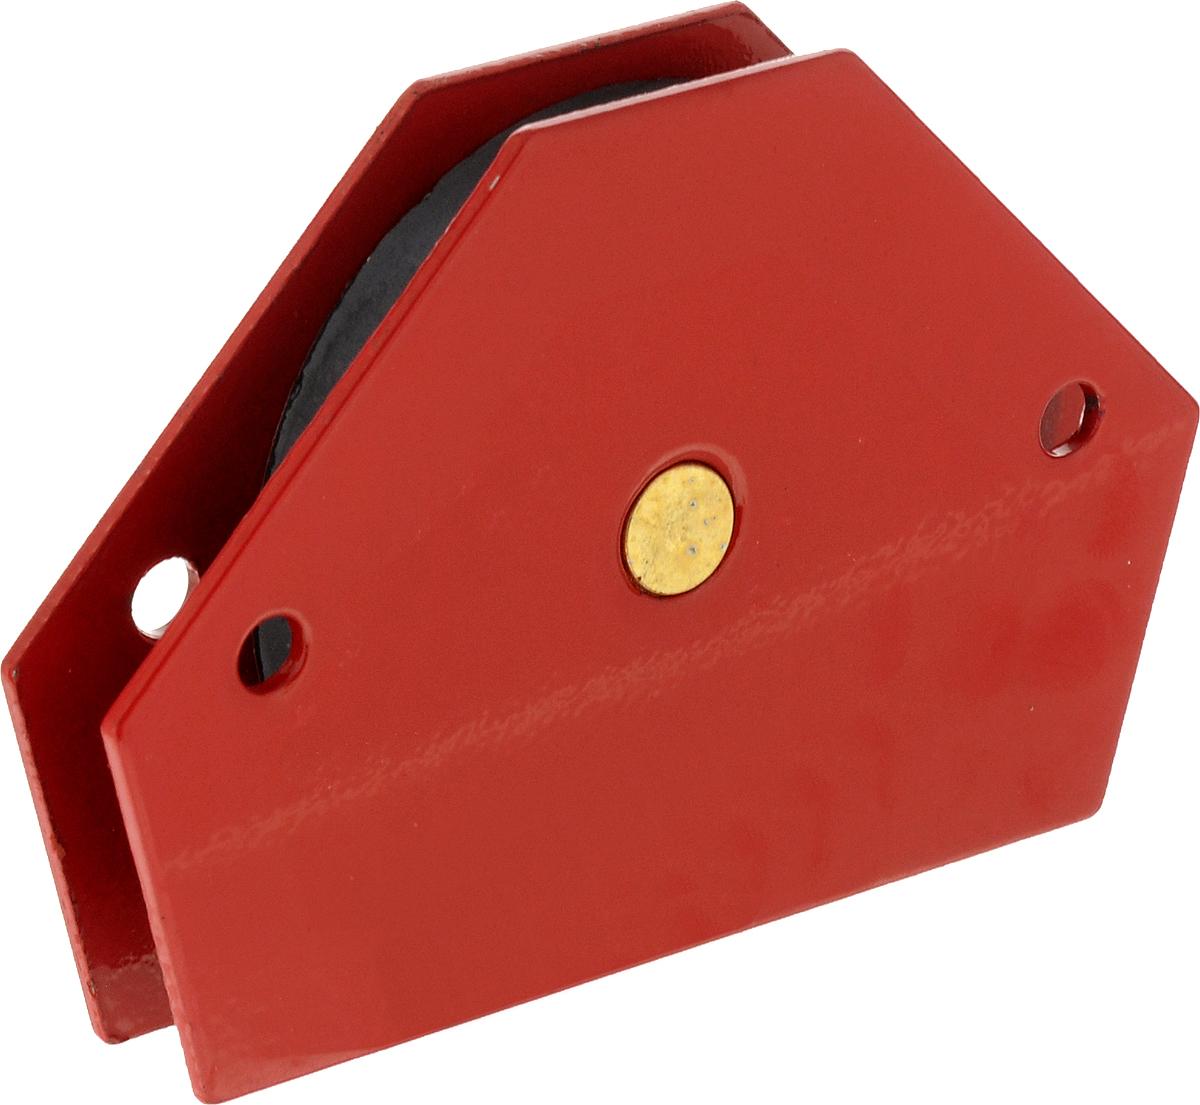 Магнитный угольник Rexant, держатель для сварки на 6 углов, усилие 11,3 кг12-4831Магнитный угольник держатель для сварки на 6 углов усилие 11,3 Кг Rexant, предназначен для фиксации металлических деталей при сварке, пайке и сборке конструкций. Применяется для работы с круглыми и прямоугольными трубами, полосами, уголками, профилями, листовым, сплошным и другими видами металла. Угольник быстро и надежно соединяет детали, сокращает время работы, облегчает монтаж и заменяет громоздкие зажимы и неудобные струбцины. Углы: 30°, 45°, 60°, 75°, 90°, 135°. Максимальное усилие — 11,3 кг (25 Lbs)